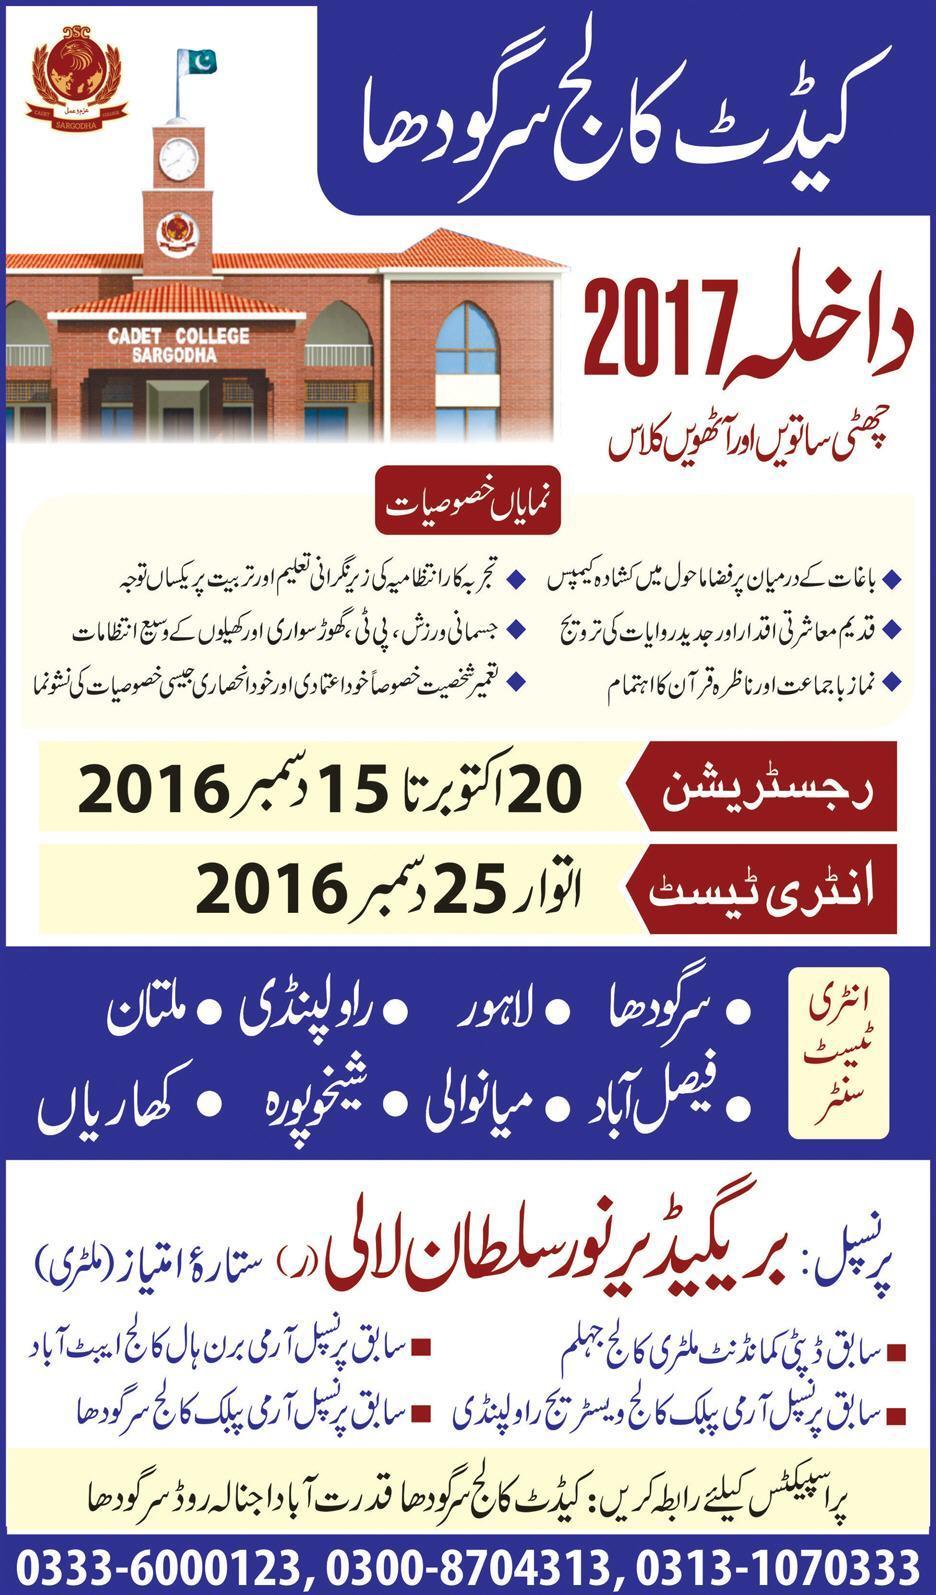 Cadet College Sargodha Admission 2017 Registration Entry Test Result